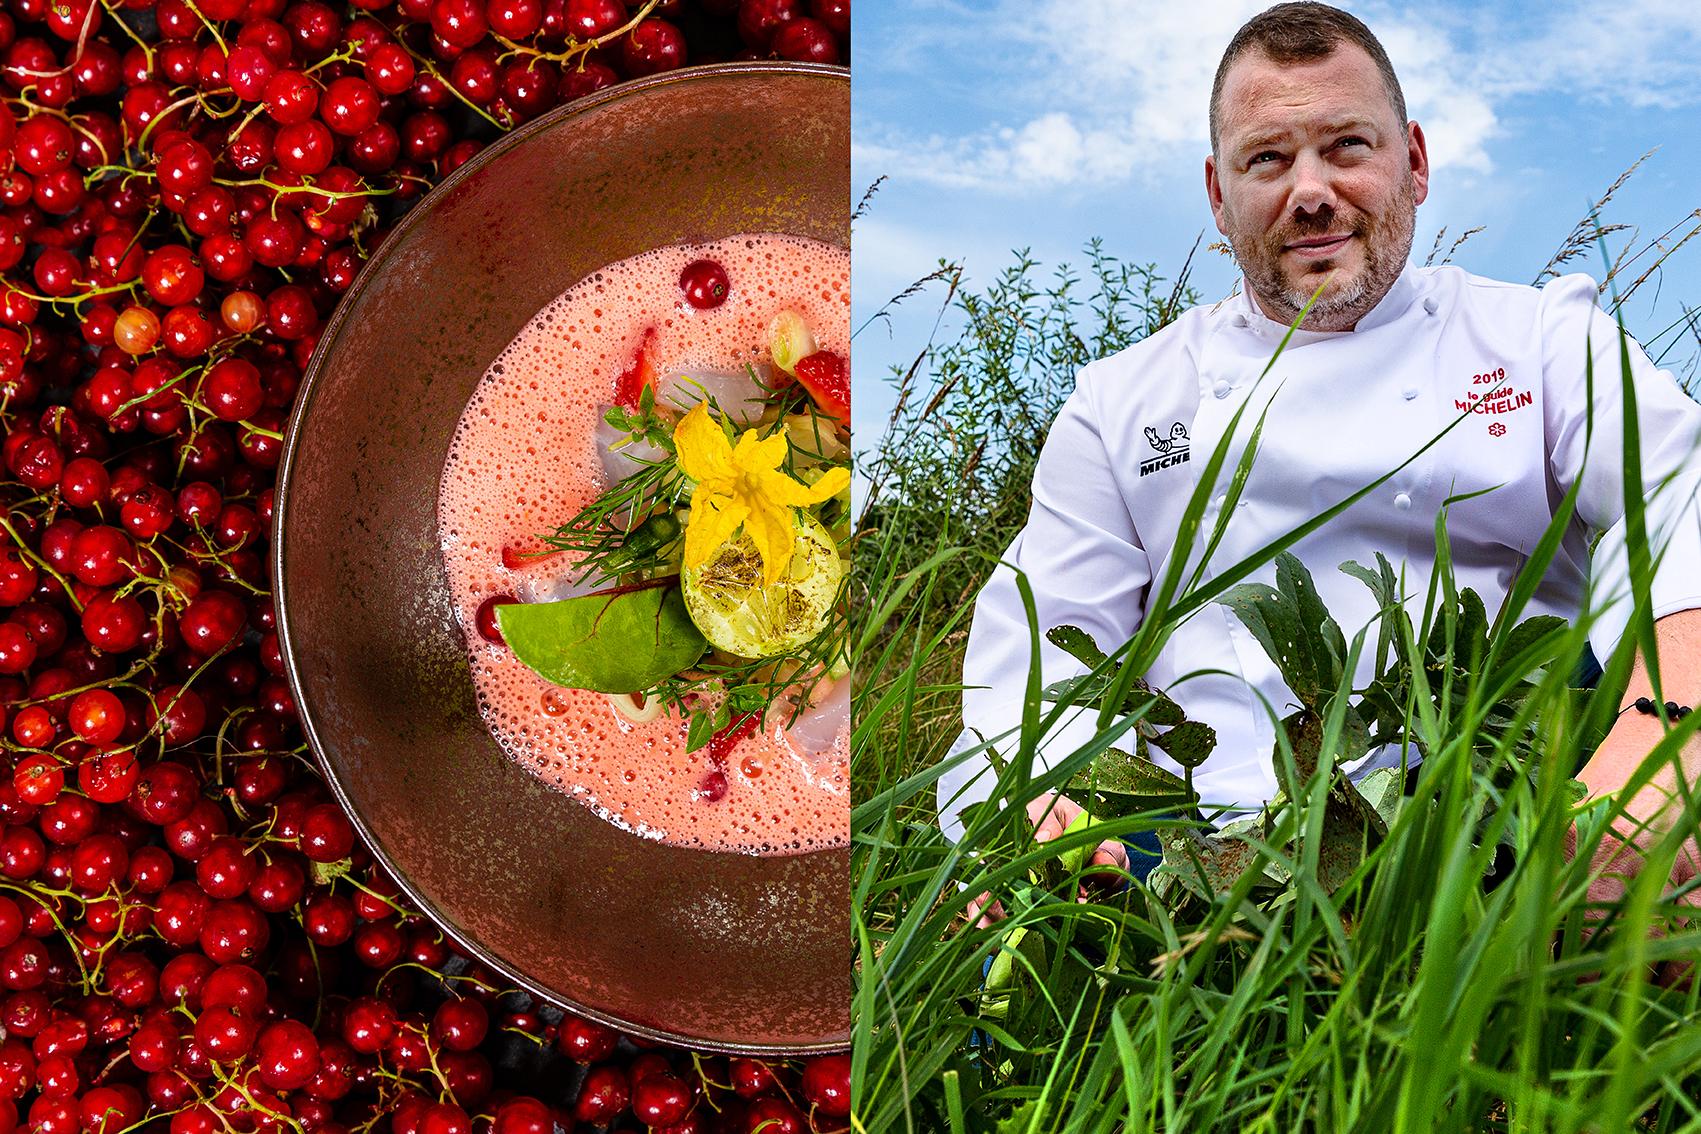 Portrait et recette, chef et ami  Gaetan Evrard, 1 etoile au guide Michelin, restaurant l Evidence, Montbazon ©Alban Couturier